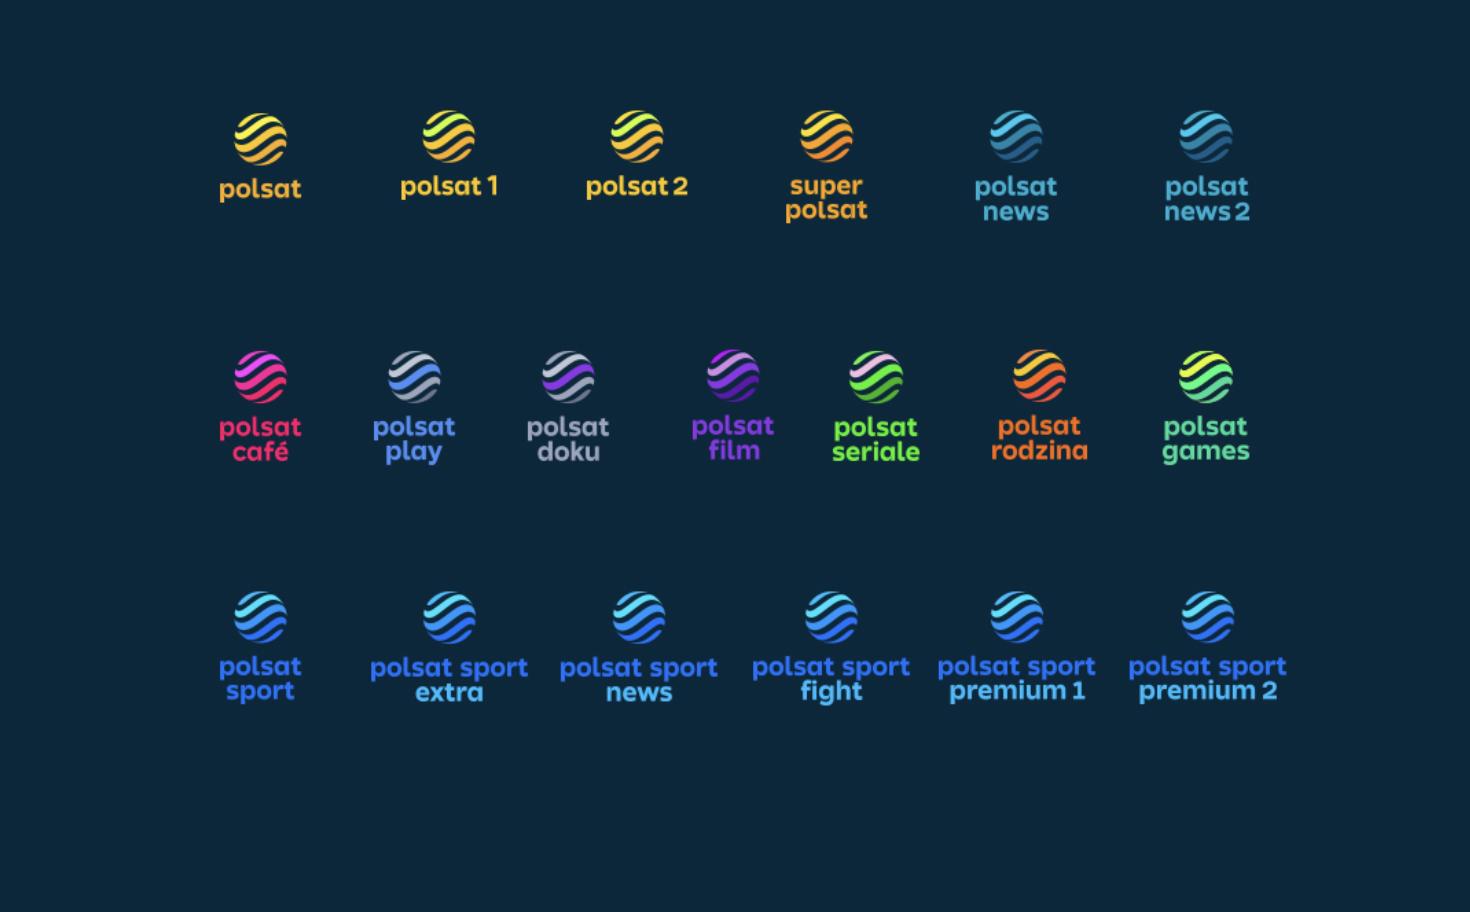 """Telewizja Polsat rozpoczęła zmianę swoich logotypów. Rebranding kanałów tematycznych Telewizji Polsat jest kolejną częścią zmiany całej Grupy Polsat Plus. Wcześniej zostały już zaprezentowane nowe logotypy kluczowych i strategicznych marek takich jak Polsat, Plus, Polsat Box, Polsat Box Go i Polsat Go. """"Polsat – to najlepsze emocje, treści i produkcje – rozrywka, sport, filmy, seriale, programy i najbardziej rzetelne informacje. Dzięki rodzinie kanałów Polsatu nasi widzowie mogą cieszyć się kontentem i przeżywać emocje, jakie się z nim wiążą. Wprowadzamy całkowicie nową identyfikację wizualną zarówno Polsatu głównego, jak i kanałów tematycznych – tak, aby widz wiedział, że są to kanały z jednej Grupy i że oferują najlepsze treści, które można oglądać na różne sposoby w dowolnie wybranym przez siebie miejscu i czasie – mówi Katarzyna Wyszomirska-Wierczewska, Członek Zarządu Telewizji Polsat Sp. z o.o., Dyrektor Komunikacji Marketingowej Grupy Polsat Plus. Wszystkie logotypy oraz elementy graficzne strategicznych marek Grupy Polsat Plus są z tej samej rodziny i są do siebie podobne, dlatego, dokładnie w ten sam sposób zmieniają się wizualizacja stacji tematycznych. """"Nowe i wspólne dla wszystkich marek Grupy Polsat Plus hasło: """"Wybierz swoje wszystko"""" idealnie oddaje, wszechstronną, różnorodną i doskonale dopasowaną do indywidualnych potrzeb każdego widza, ofertę programową Telewizji Polsat i jej kanałów"""" – dodaje mówi Katarzyna Wyszomirska-Wierczewska, Członek Zarządu Telewizji Polsat Sp. z o.o., Dyrektor Komunikacji Marketingowej Grupy Polsat Plus. Zmiany identyfikacji objęły kluczowe stacje tematyczne: Polsat News Super Polsat, Polsat Play, Polsat Cafe, Polsat Games, Polsat Rodzina, Polsat Doku, Polsat Film, Polsat Seriale, Polsat 1 oraz Polsat 2 oraz wszystkie kanały sportowe, czyli Polsat Sport, Polsat Sport News, Polsat Sport Extra, Polsat Sport Fight, Polsat Sport Premium 1 i Polsat Sport Premium 2."""